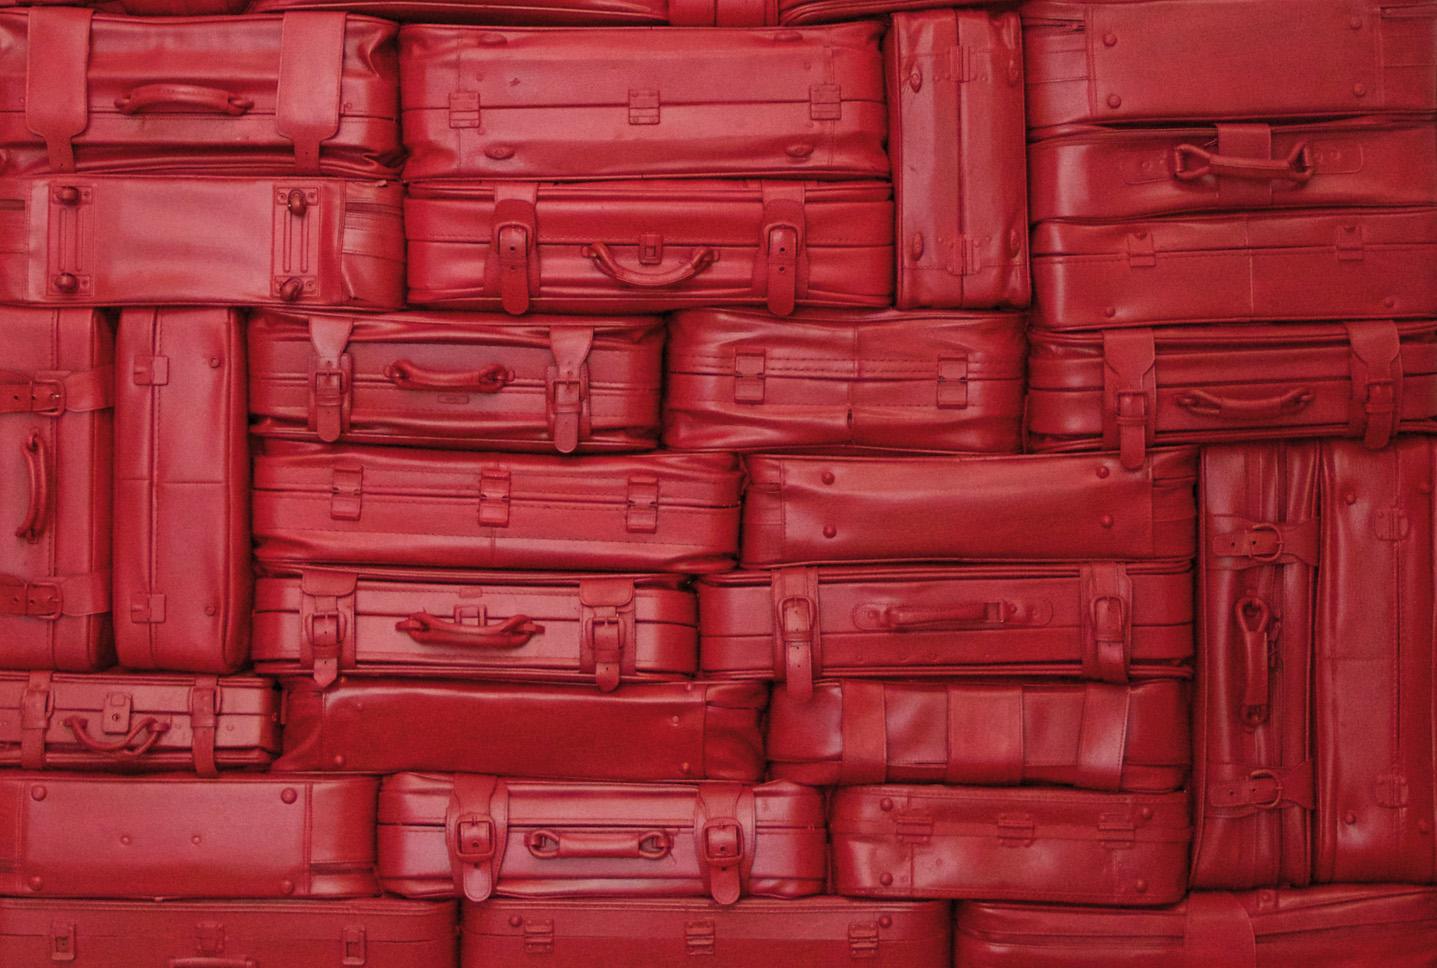 maletas-rojas